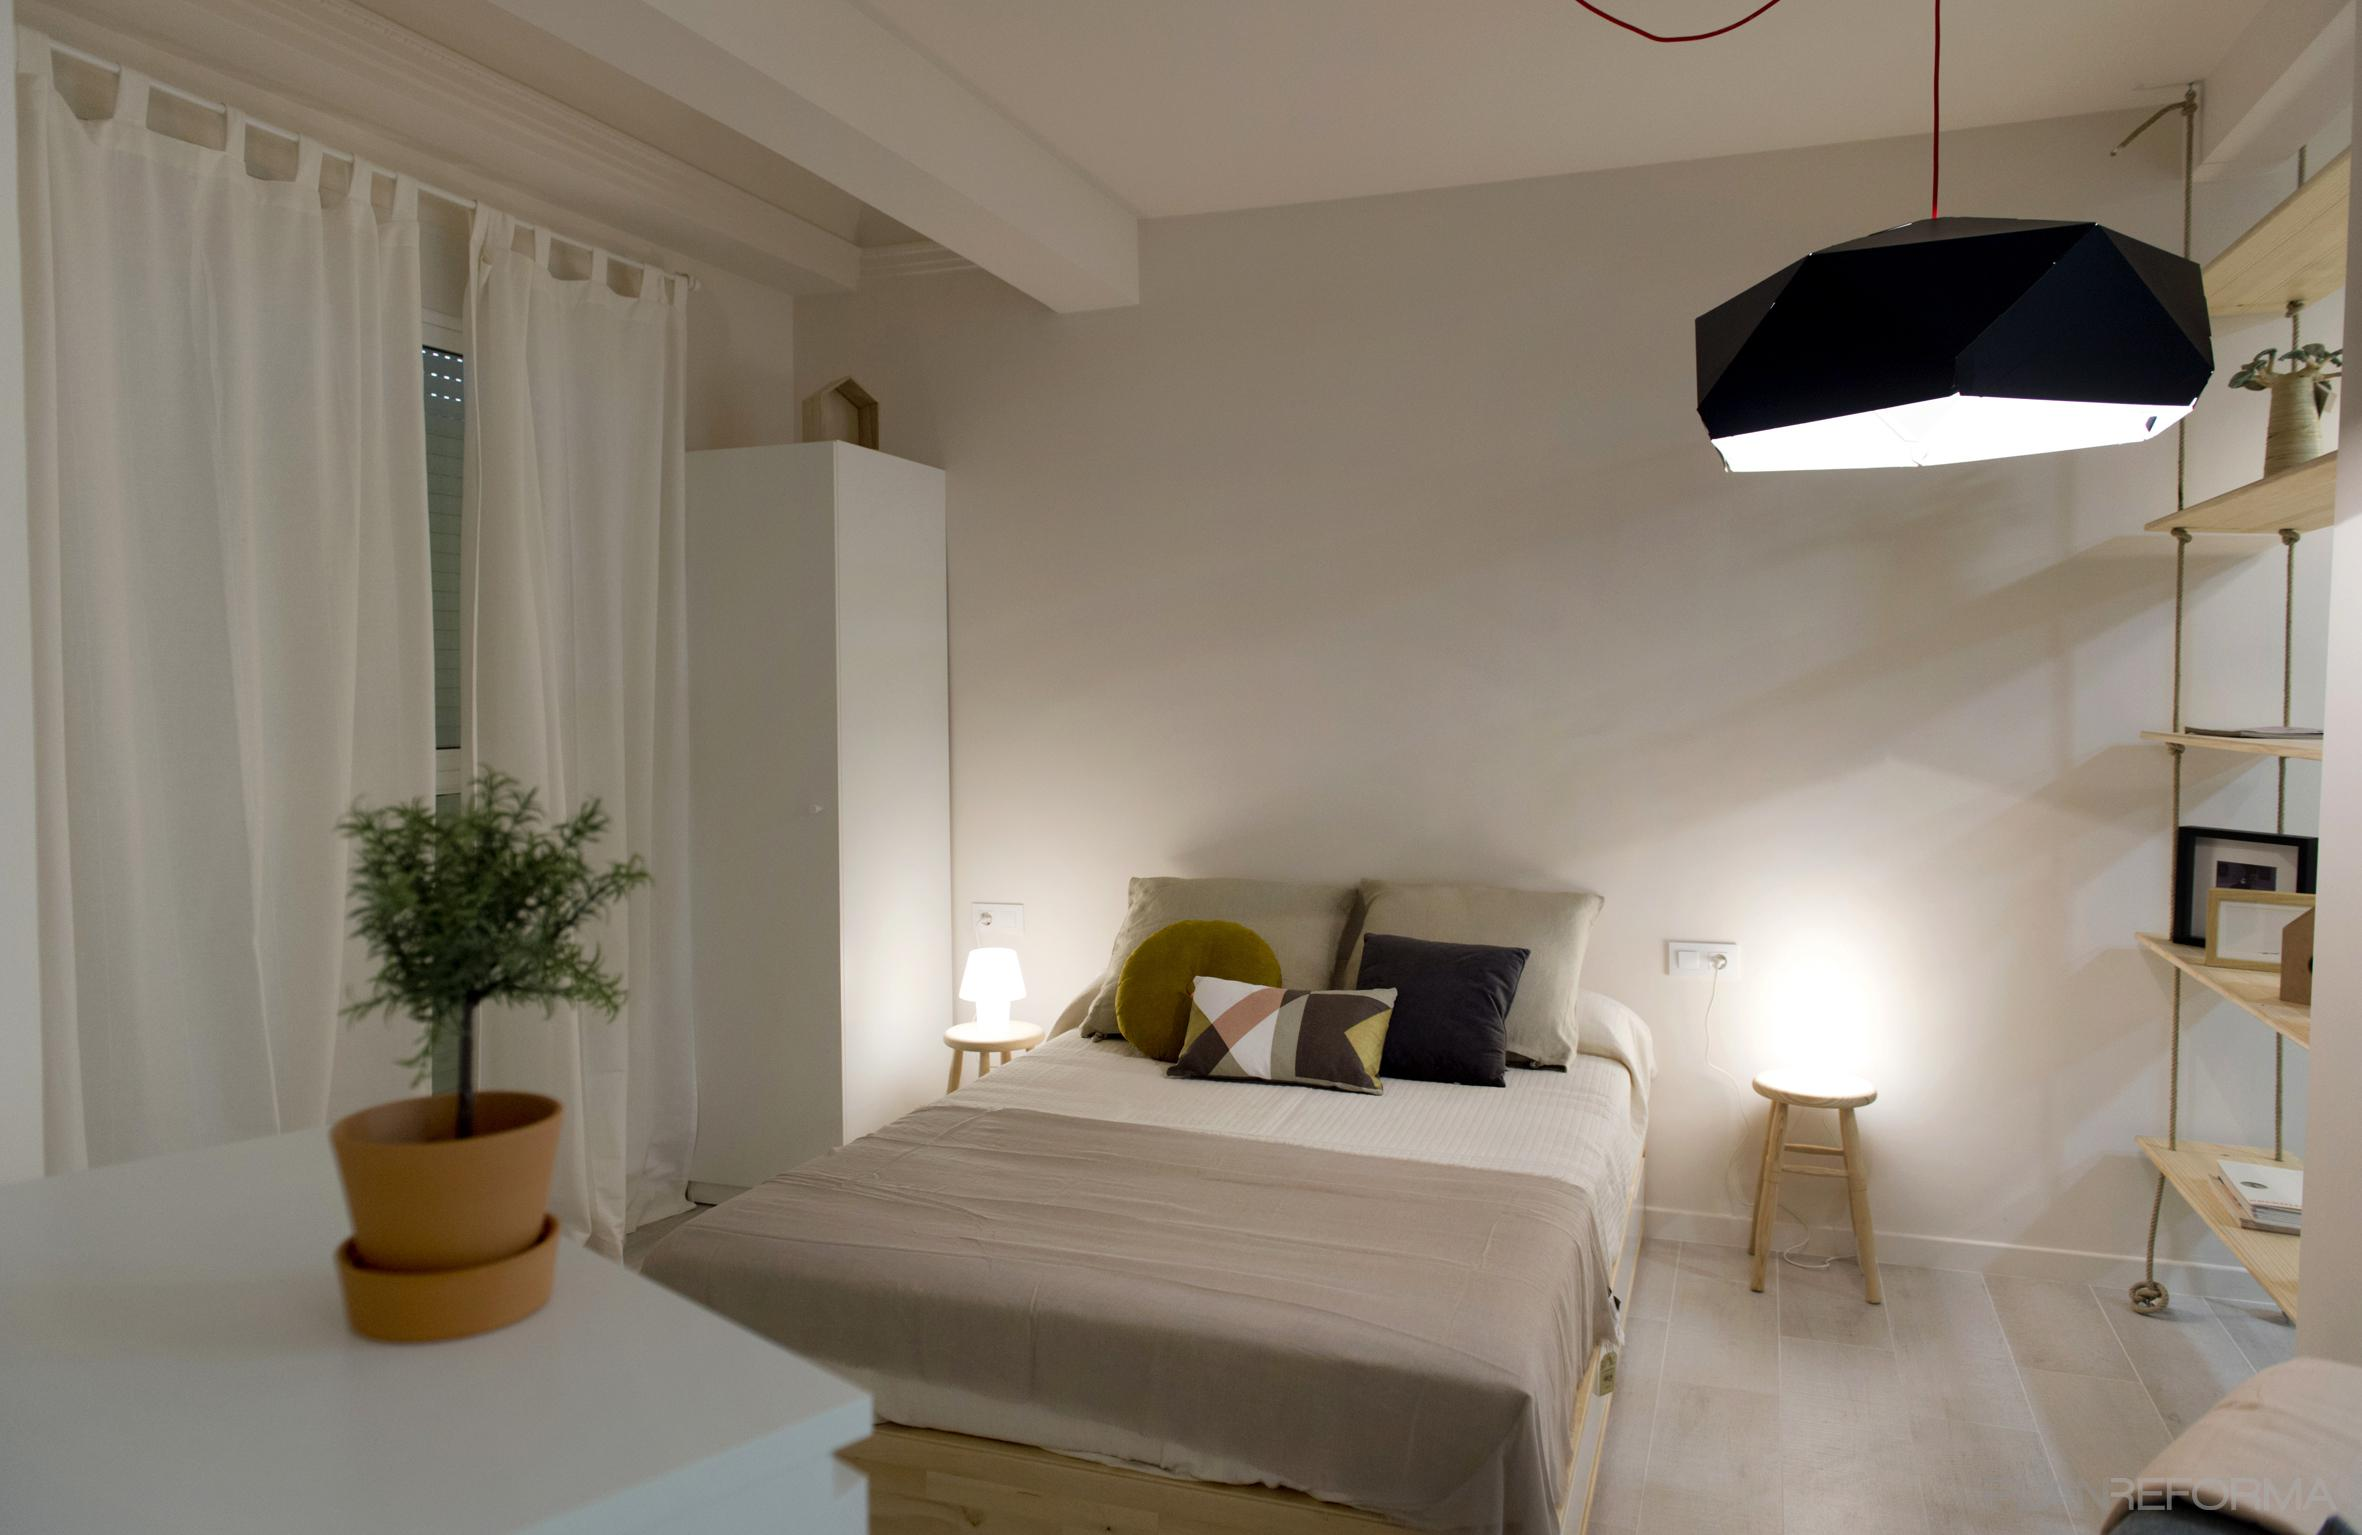 Dormitorio estilo moderno color marron beige marron - Dormitorio beige ...